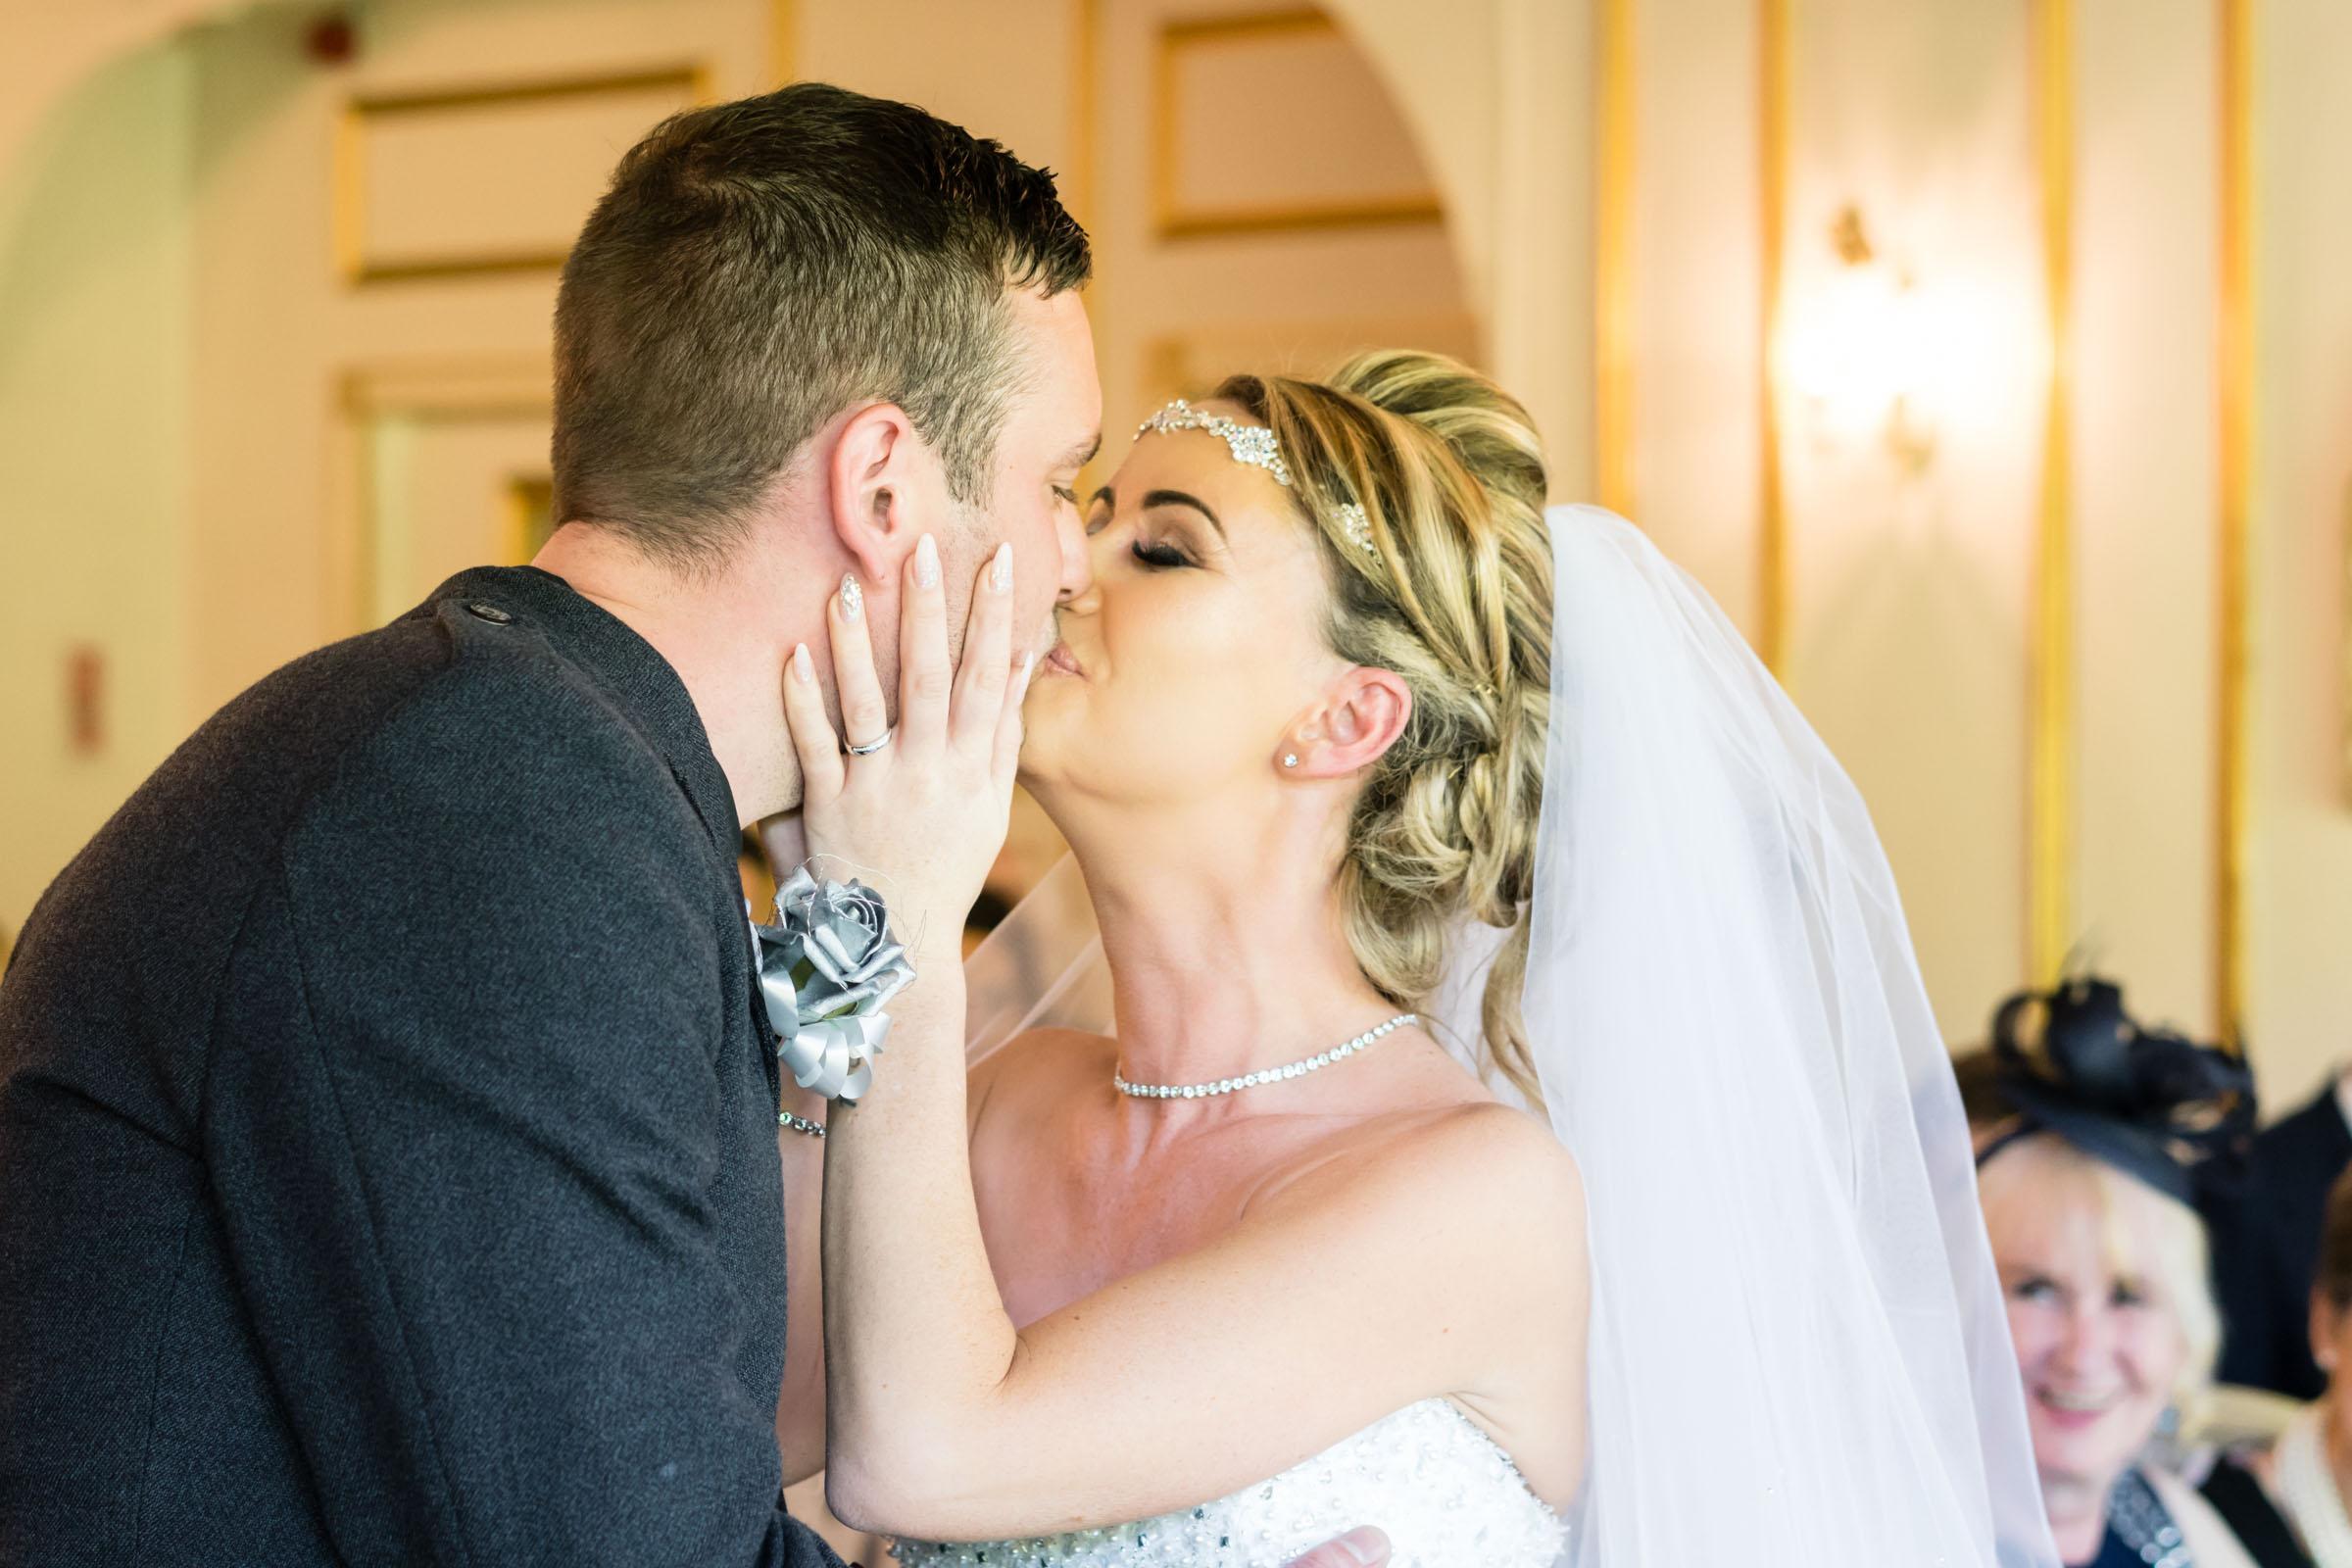 dalmeny-park-glasgow-wedding-dearlyphotography (6 of 16).jpg